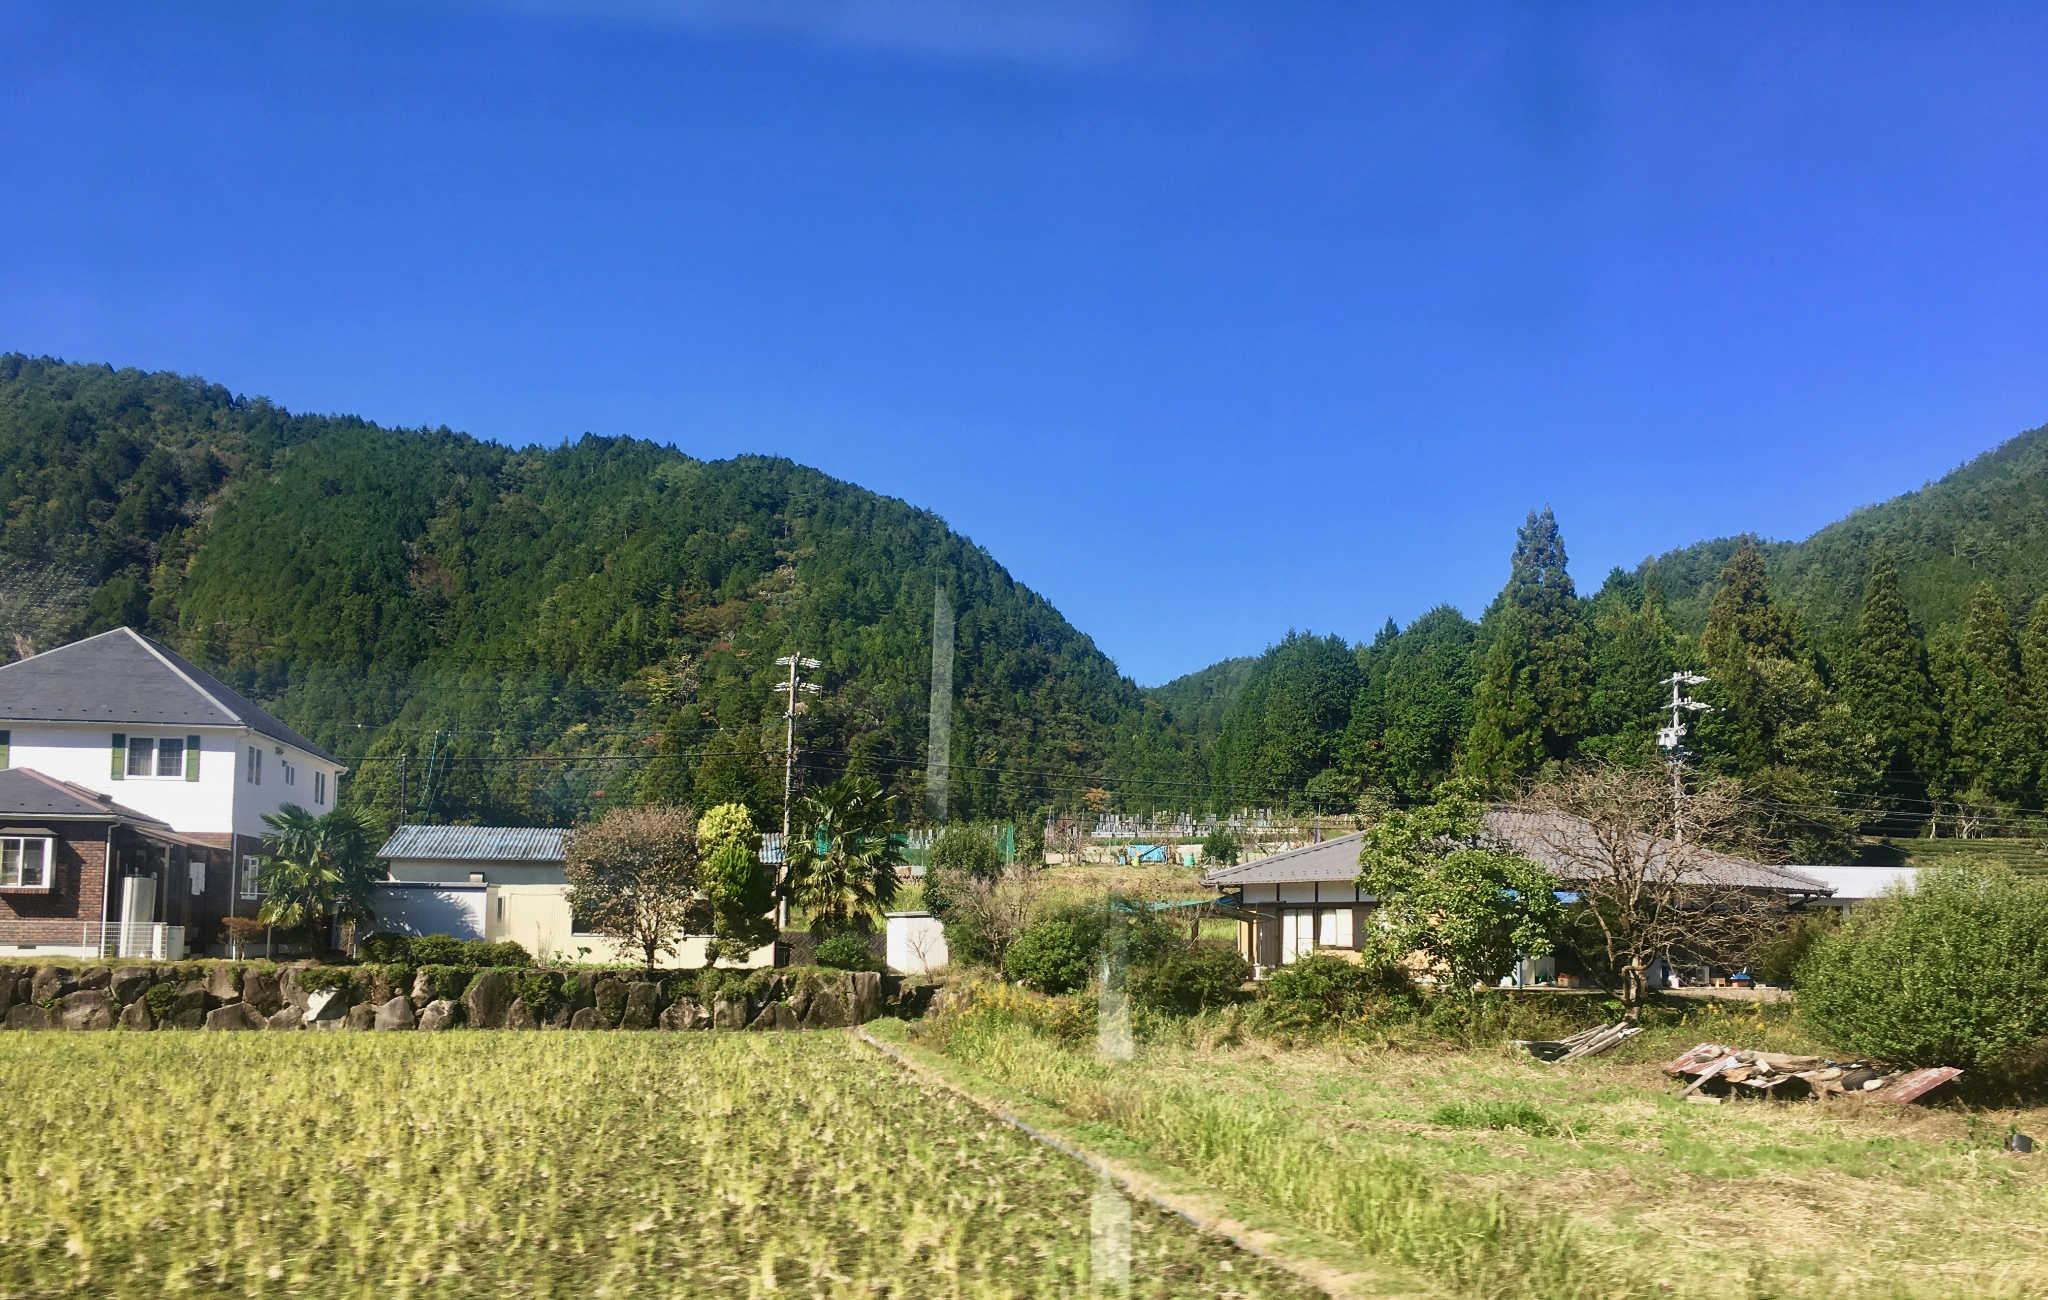 Champs et maisons japonaises le long de la route vers Takayama